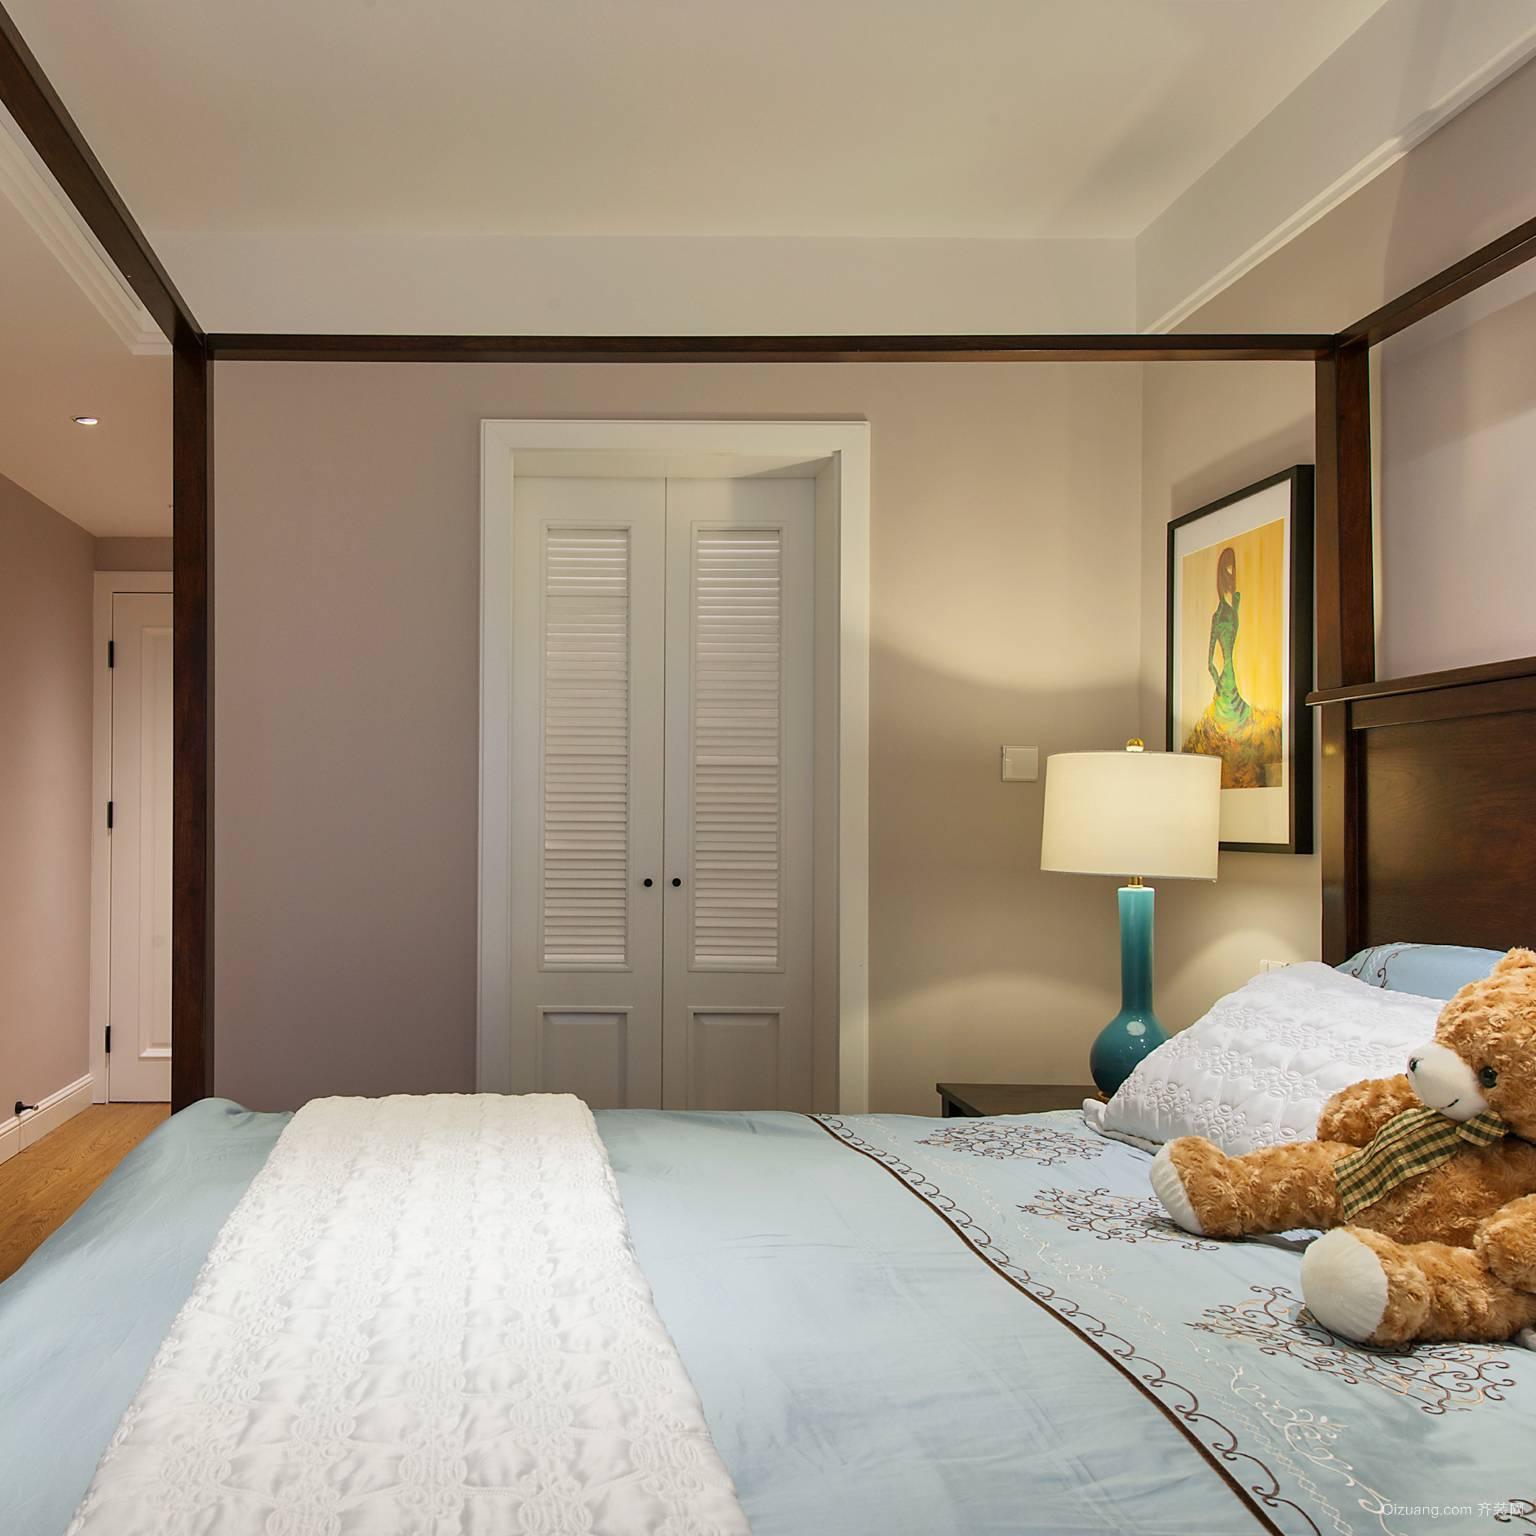 135㎡地中海大户型卧室背景墙效果图例